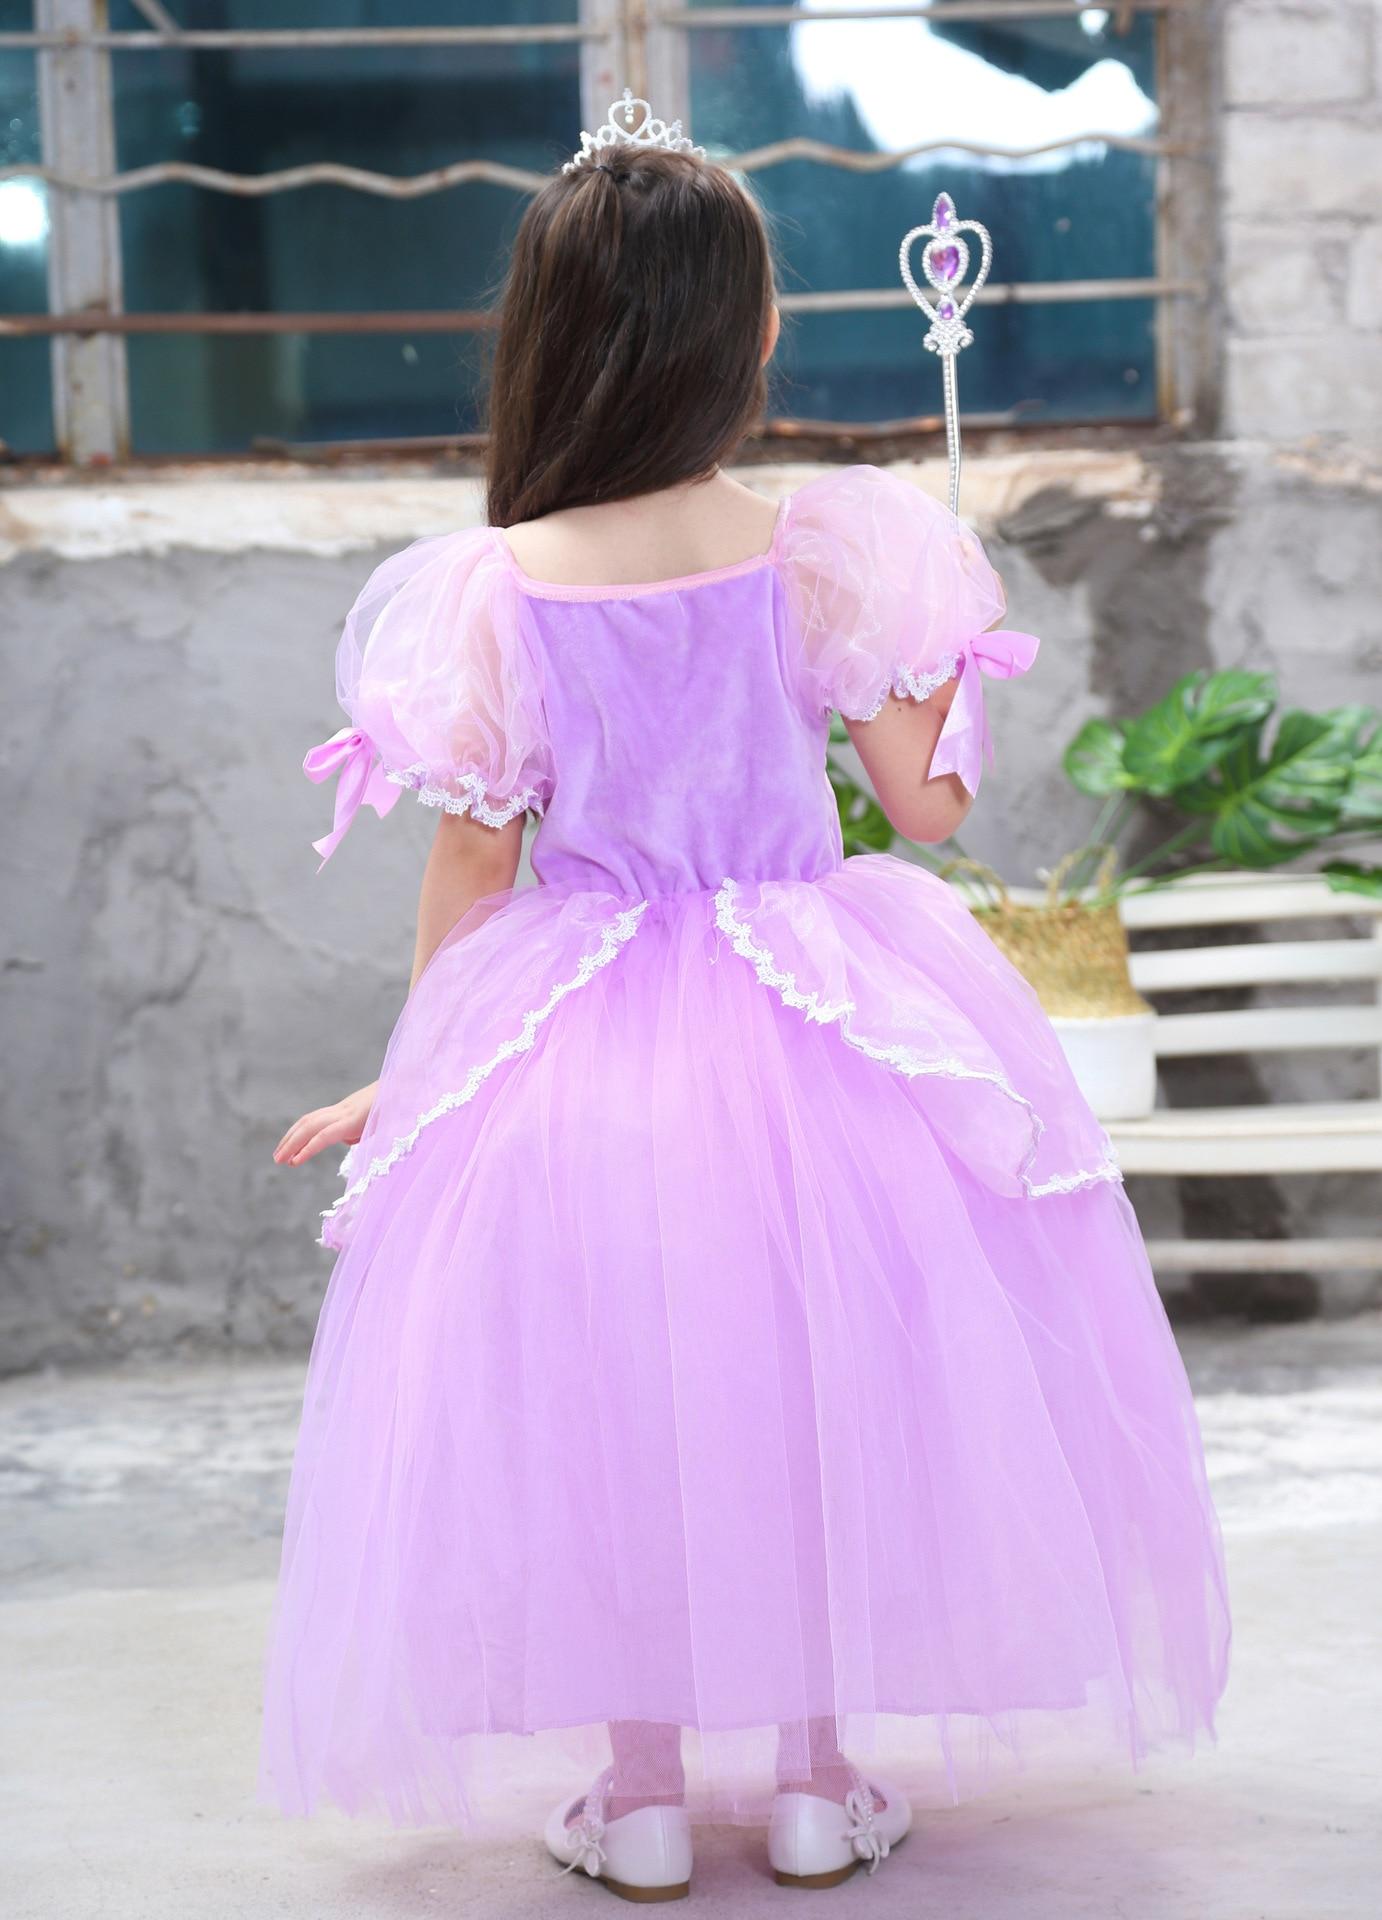 Asombroso Vestido De Partido De La Princesa Sofia Imagen - Colección ...